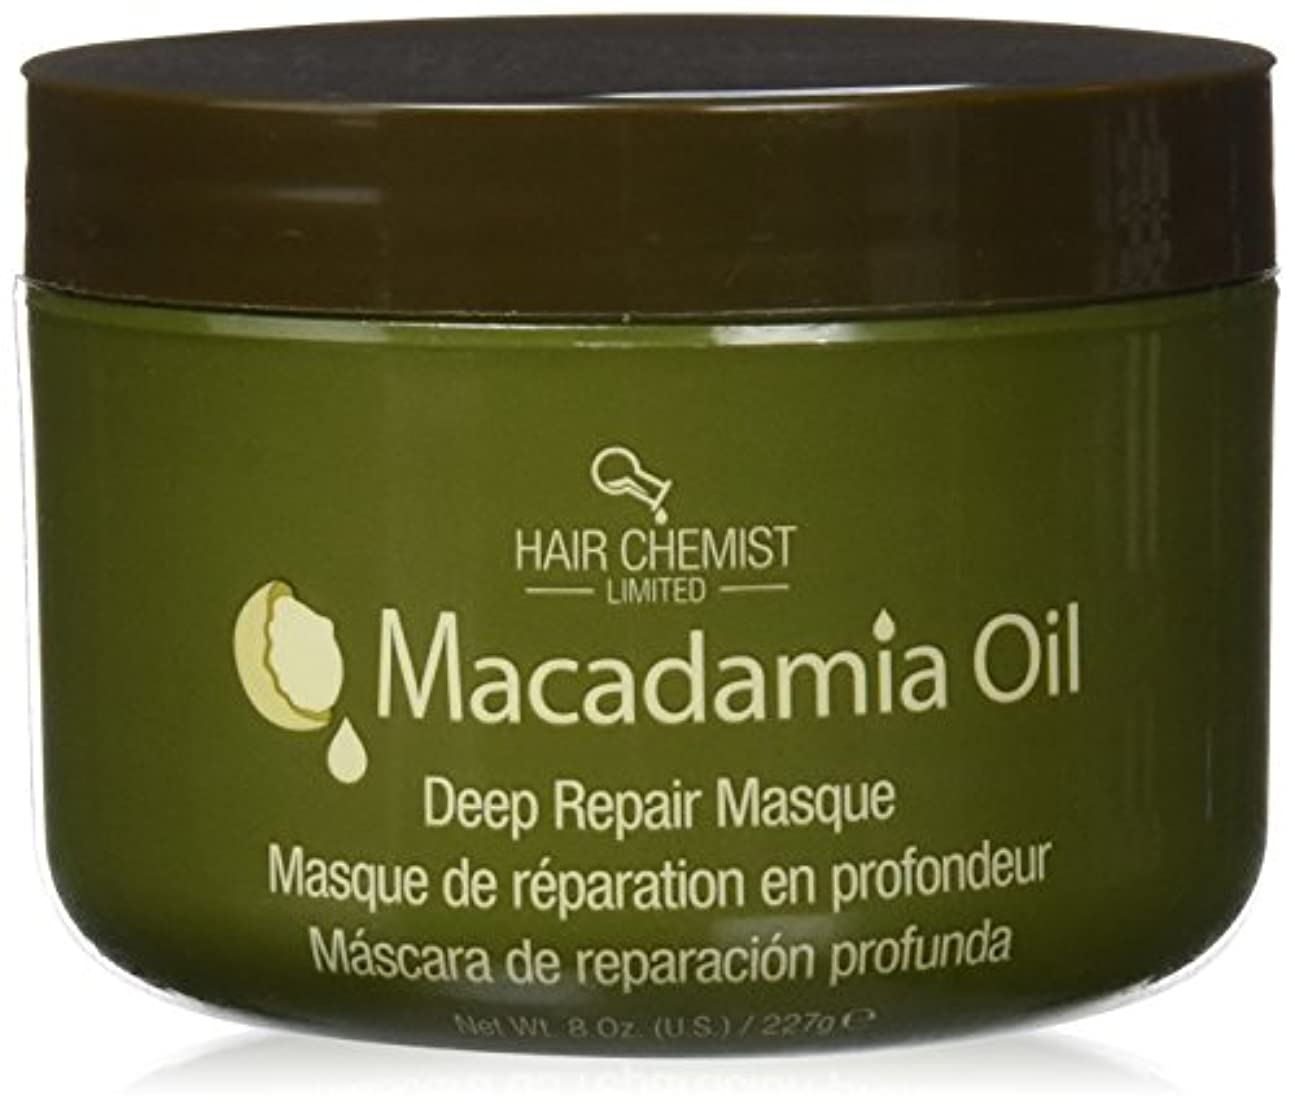 ホラーブートケージHair Chemist ヘアマスク マカダミア オイル ディープリペアマスク 227g Macadamia Oil Deep Repair Mask 1434 New York